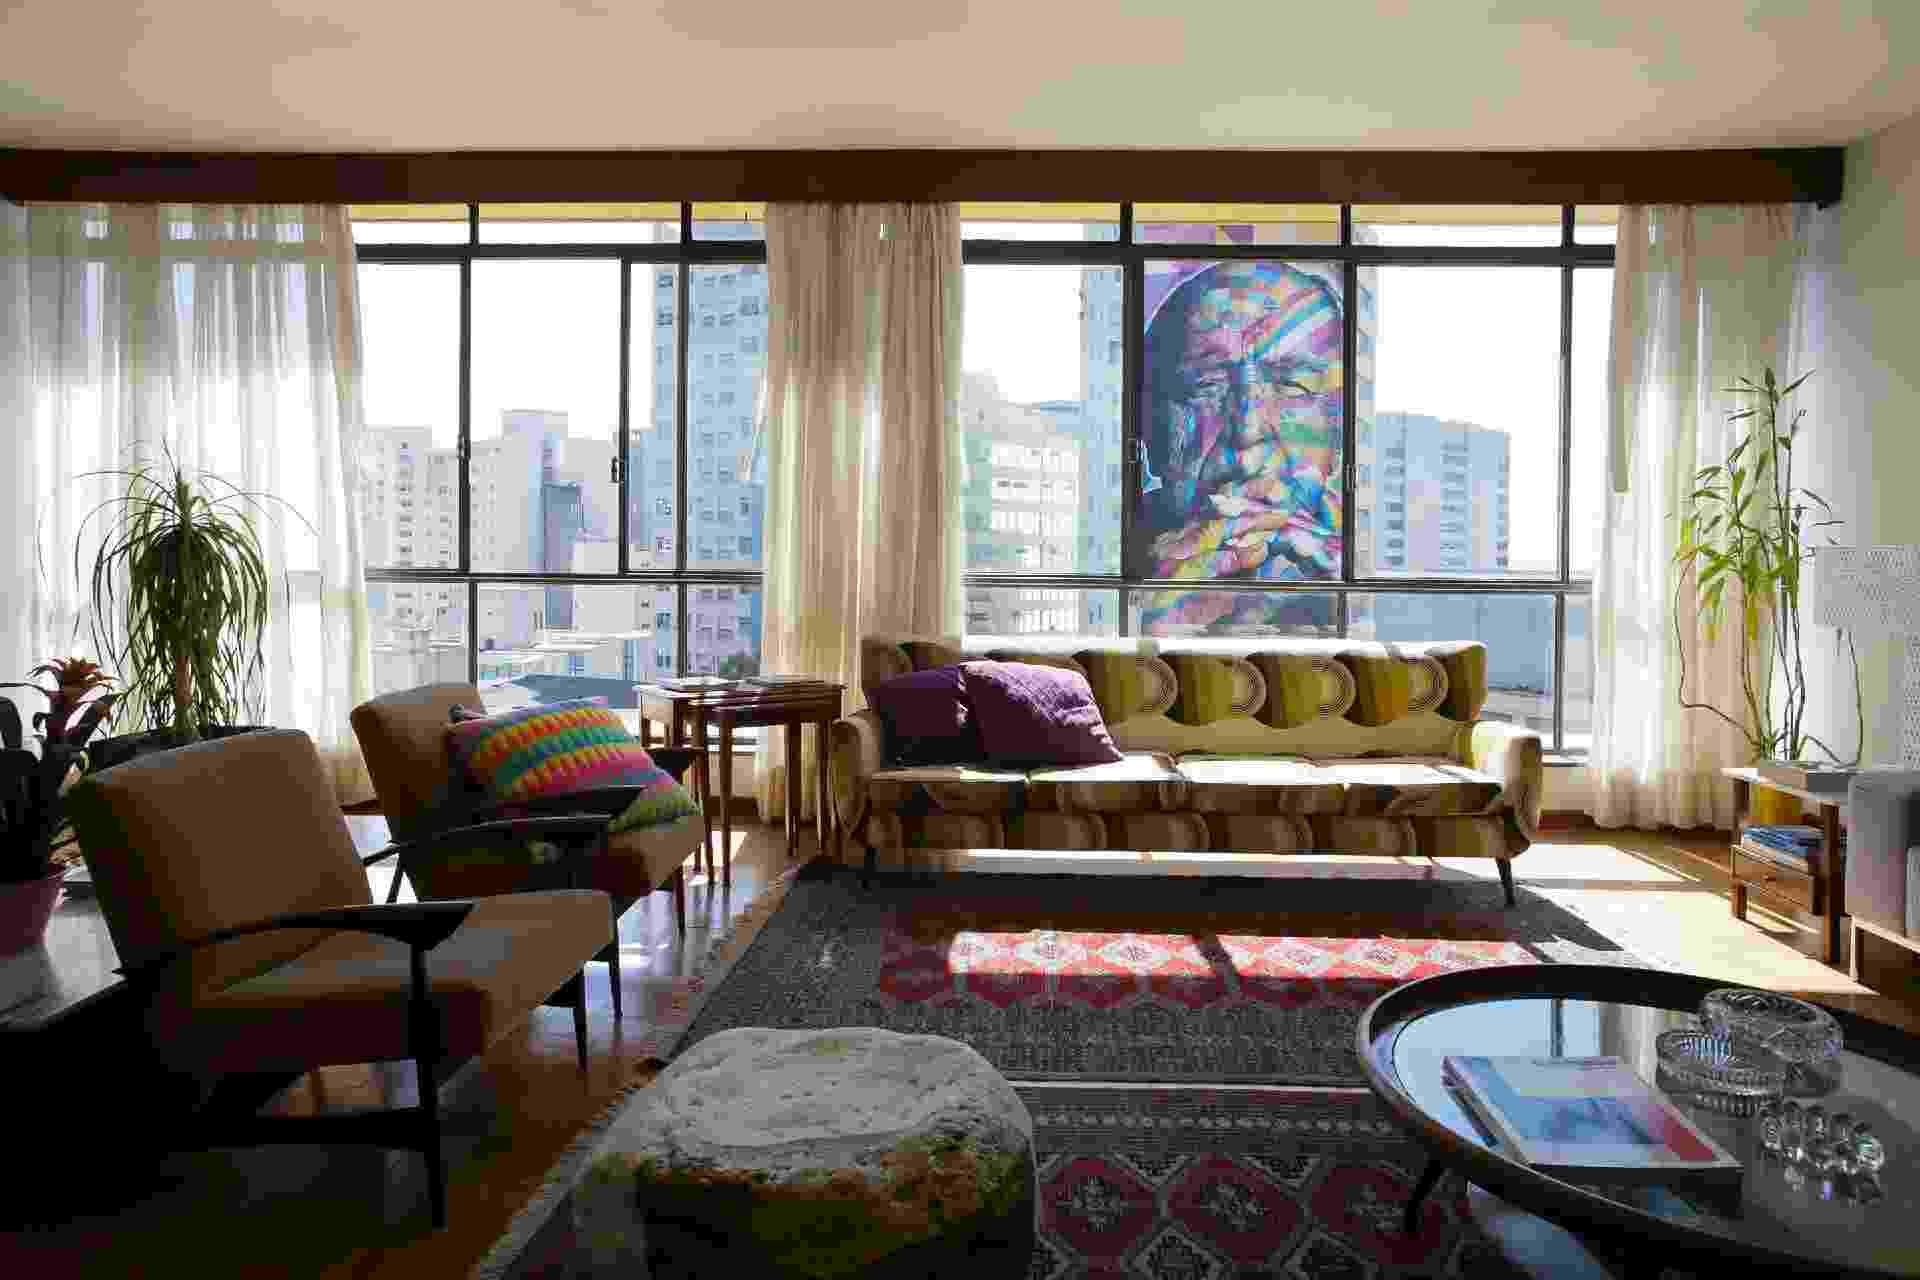 Apartamento Mila Strauss - Ali Karakas/ Divulgação